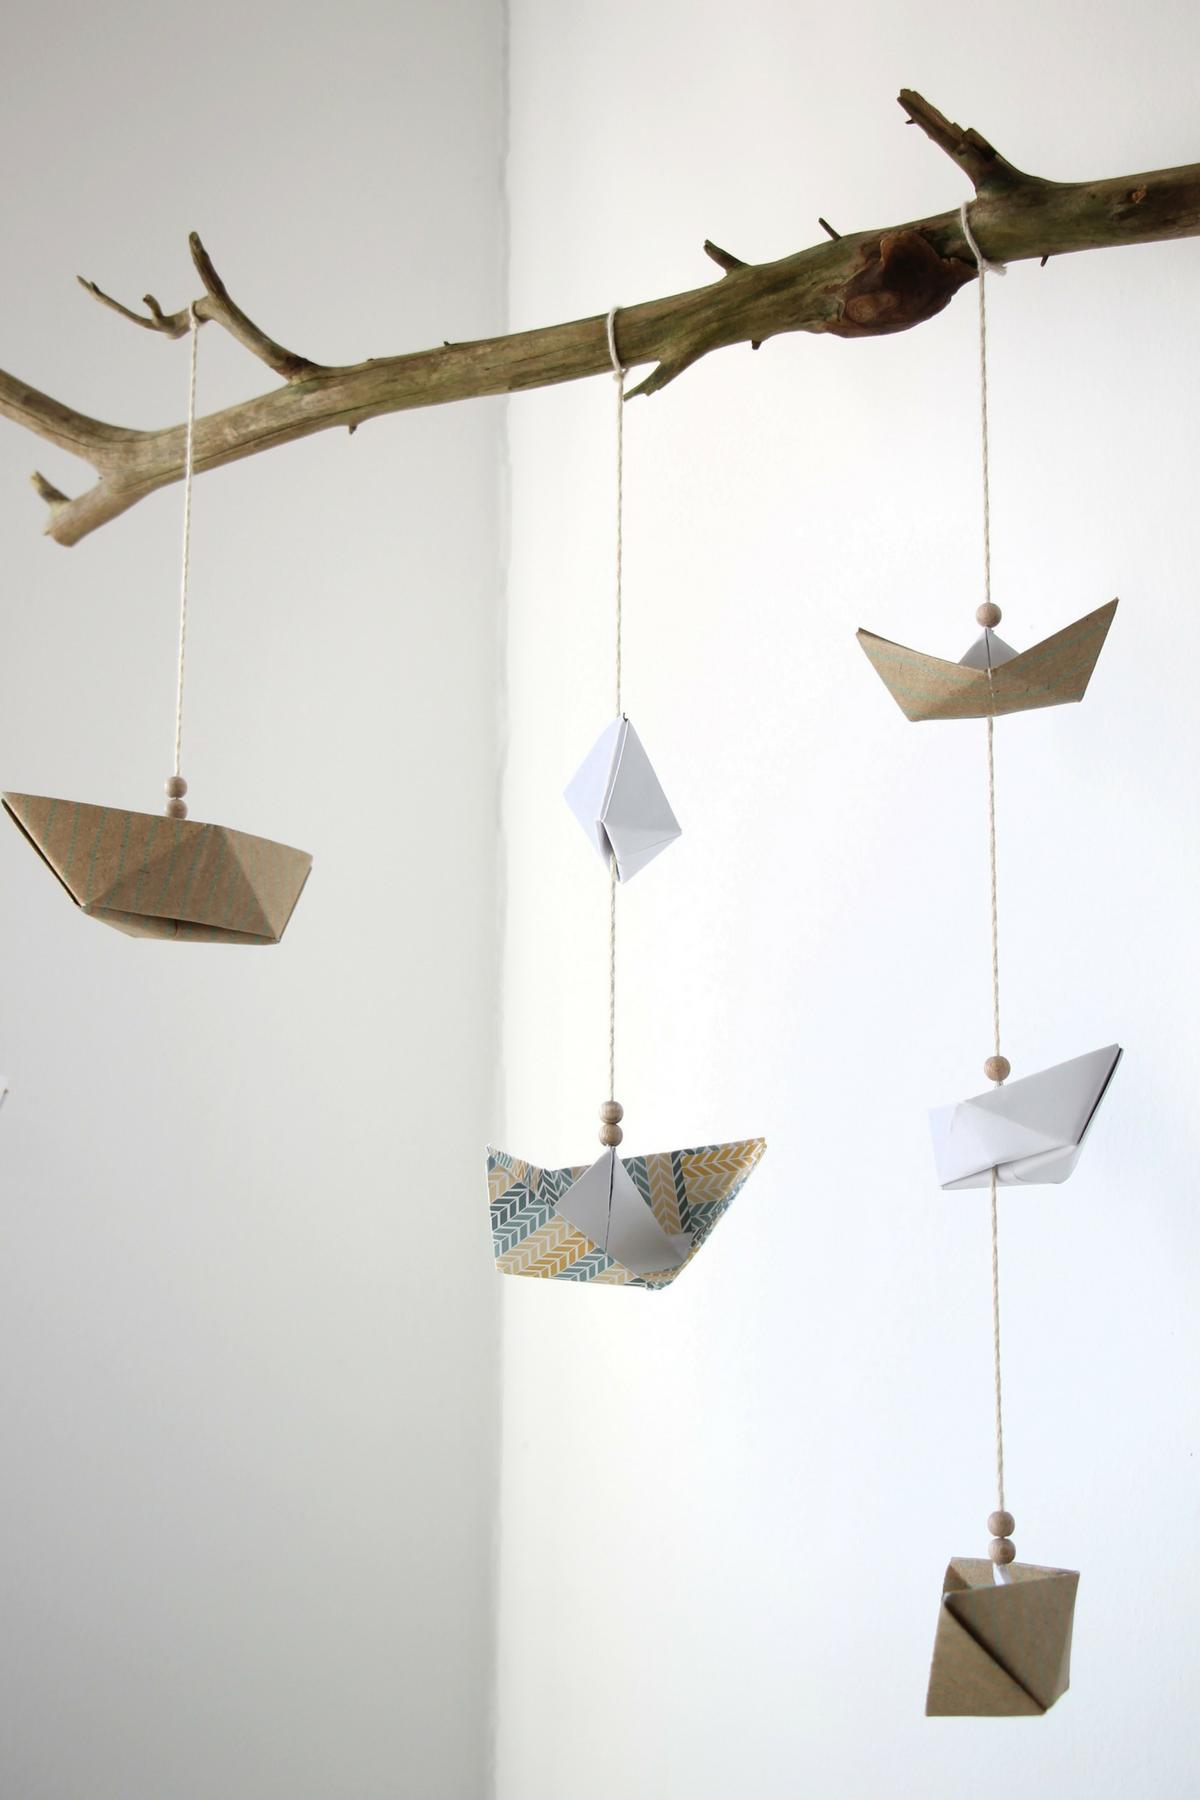 mobile basteln anleitung f r ein papierschiffchen mobile kinderzimmer einrichten pinterest. Black Bedroom Furniture Sets. Home Design Ideas